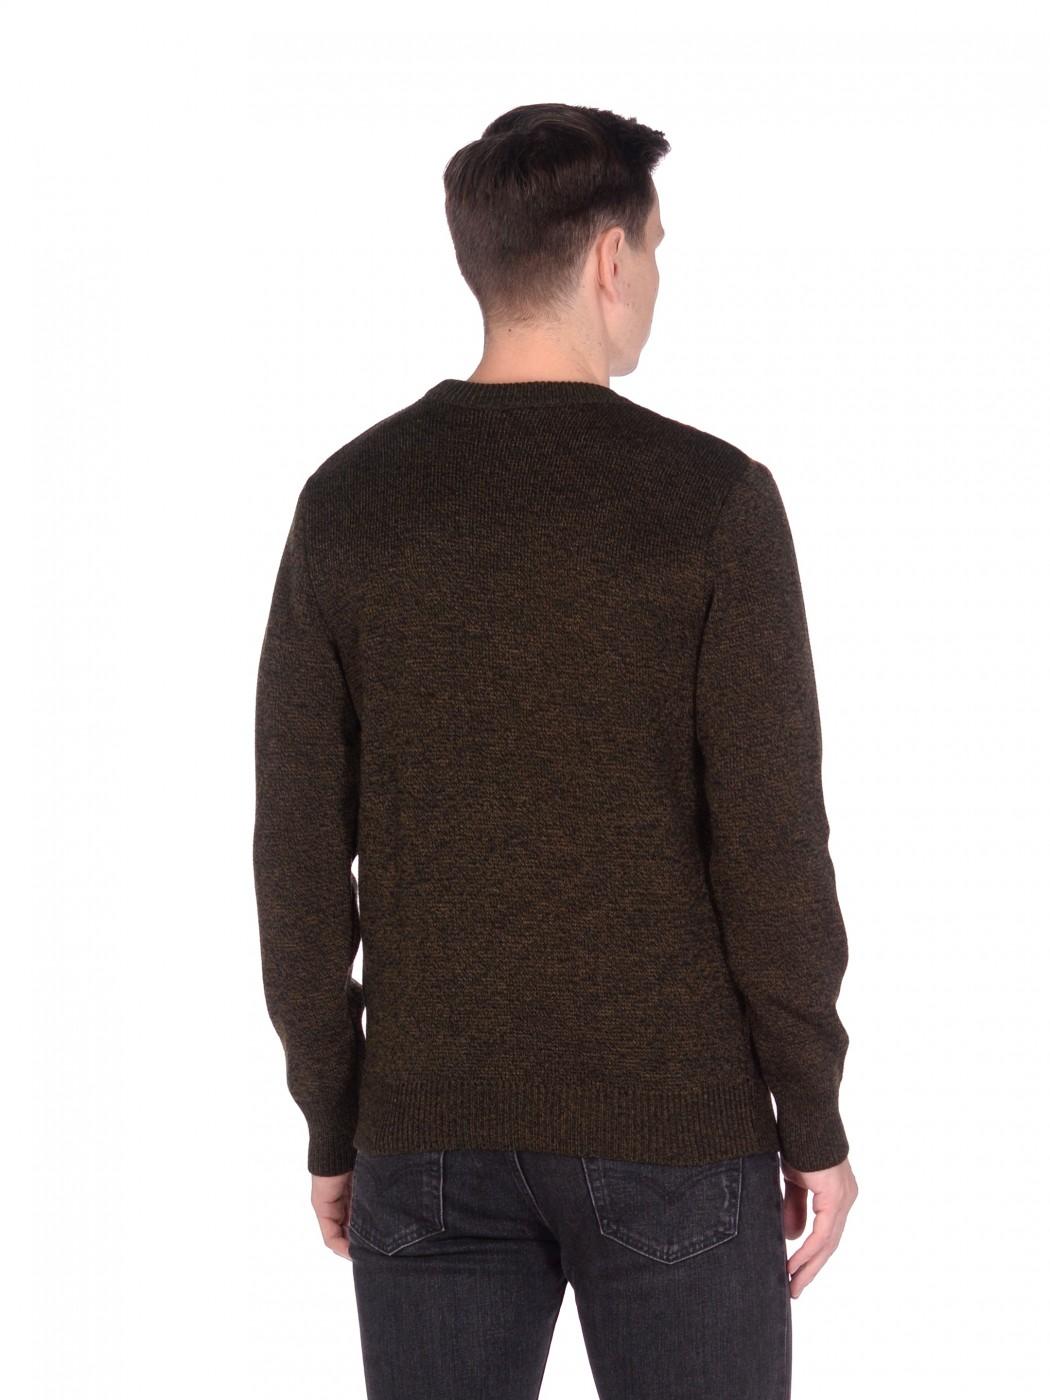 2065 коричневый